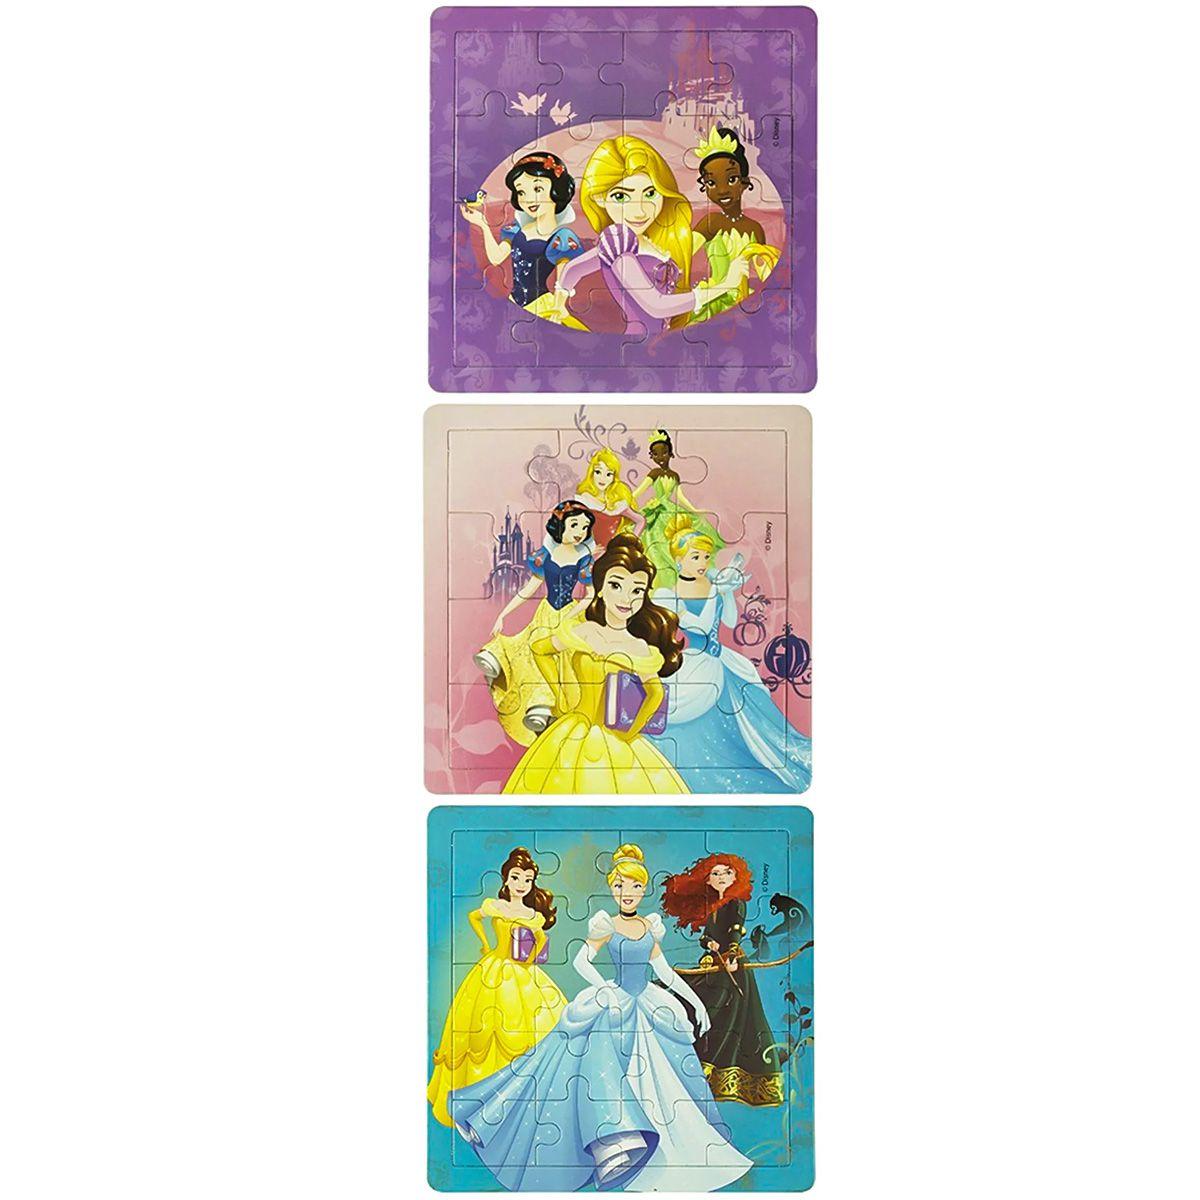 Coleção Com 6 Quebra Cabeças Progressivos Frozen E Princesas Disney